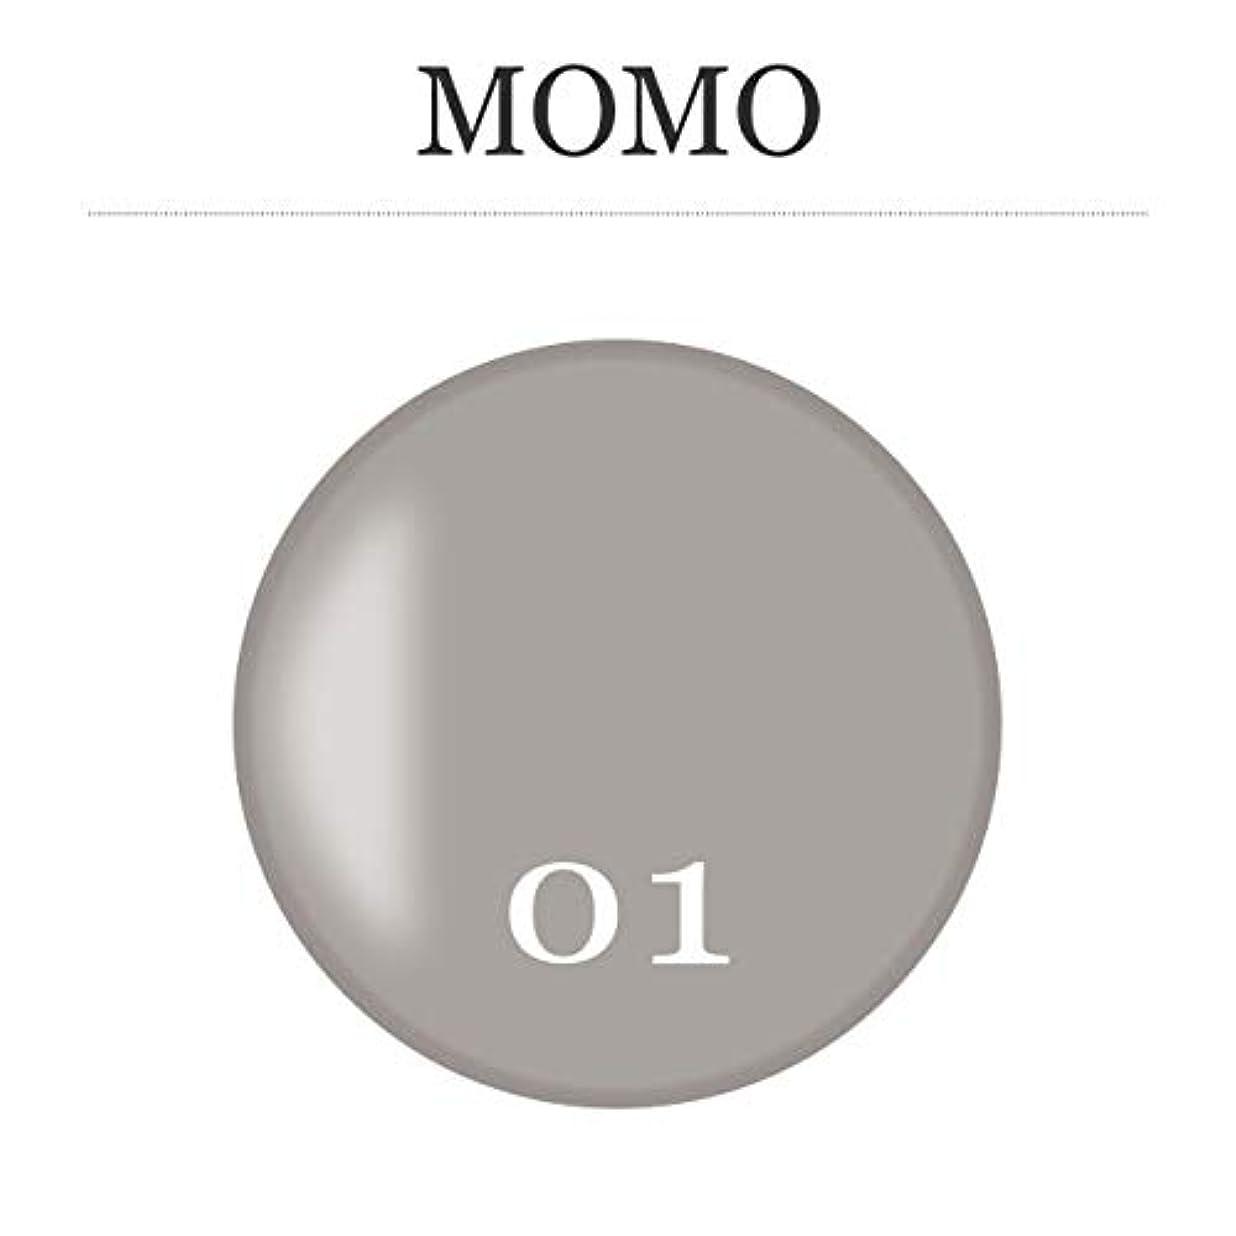 ちっちゃい流行している不満カラージェル MOMO-01 by nail for all